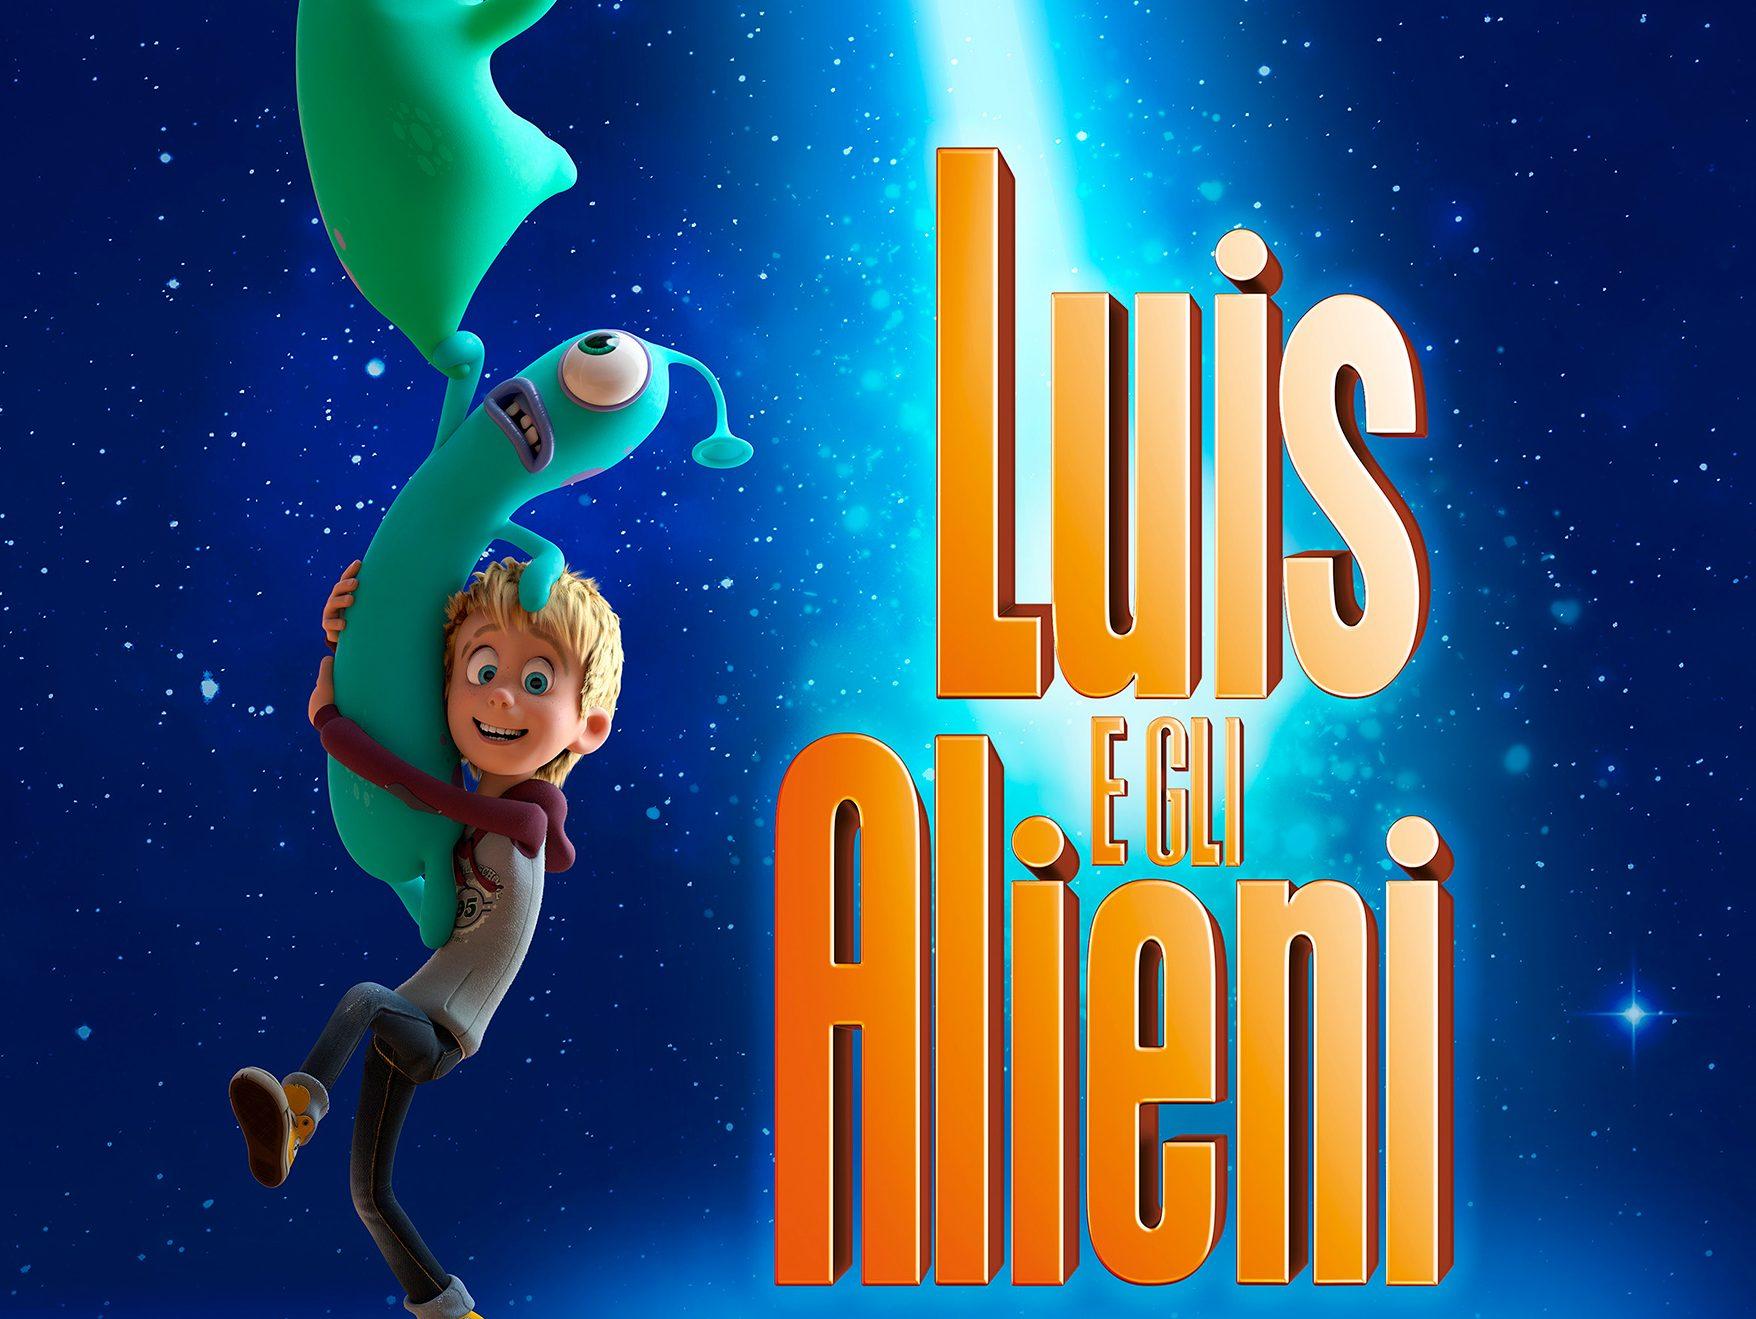 Luìs e gli alieni | I bulli non hanno scampo